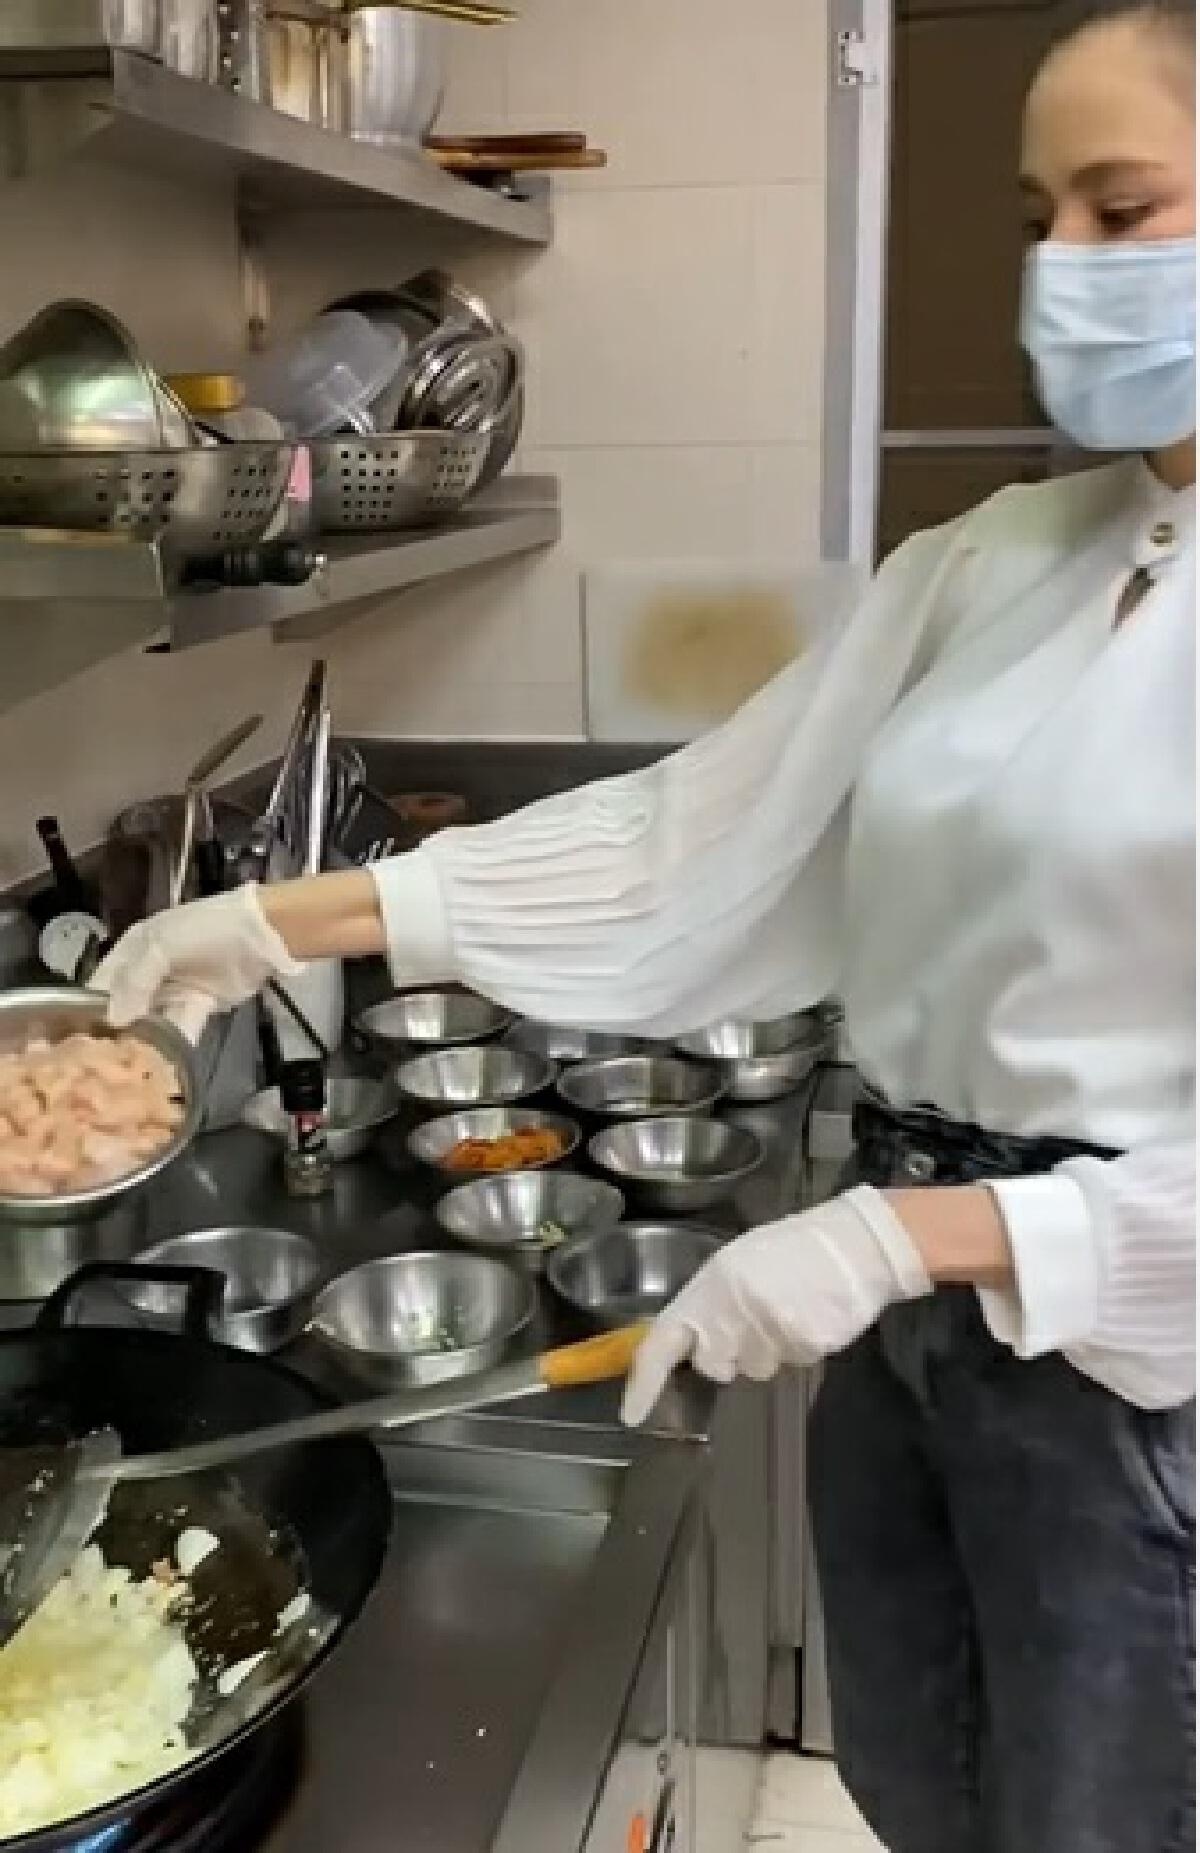 ศรีริต้า เจนเซ่น เข้าครัวทำอาหารเมนูโปรด มอบให้ทีมแพทย์โรงพยาบาลศิริราช